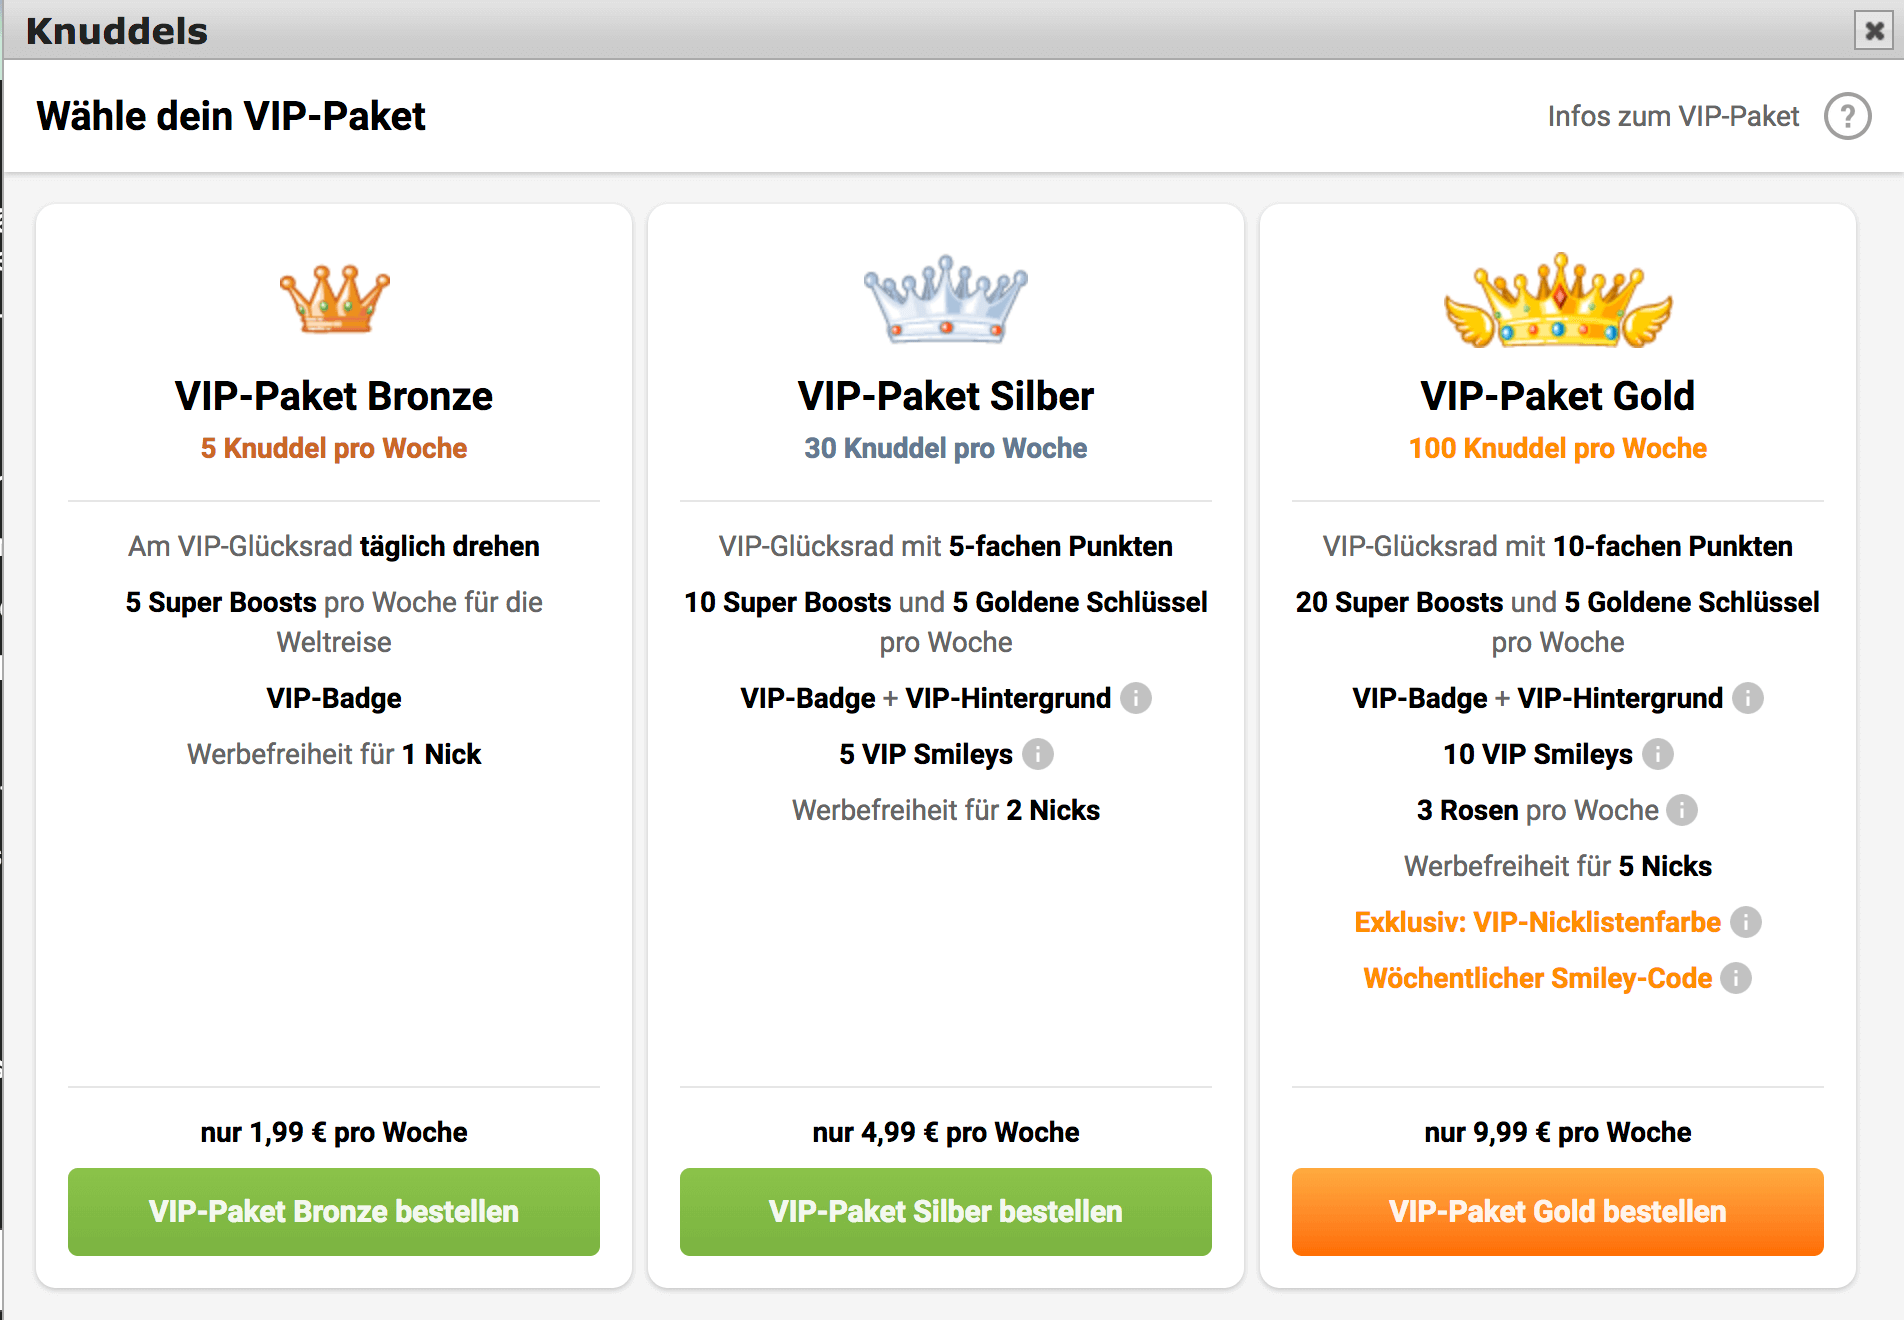 Knuddels.de Kosten VIP-Pakete